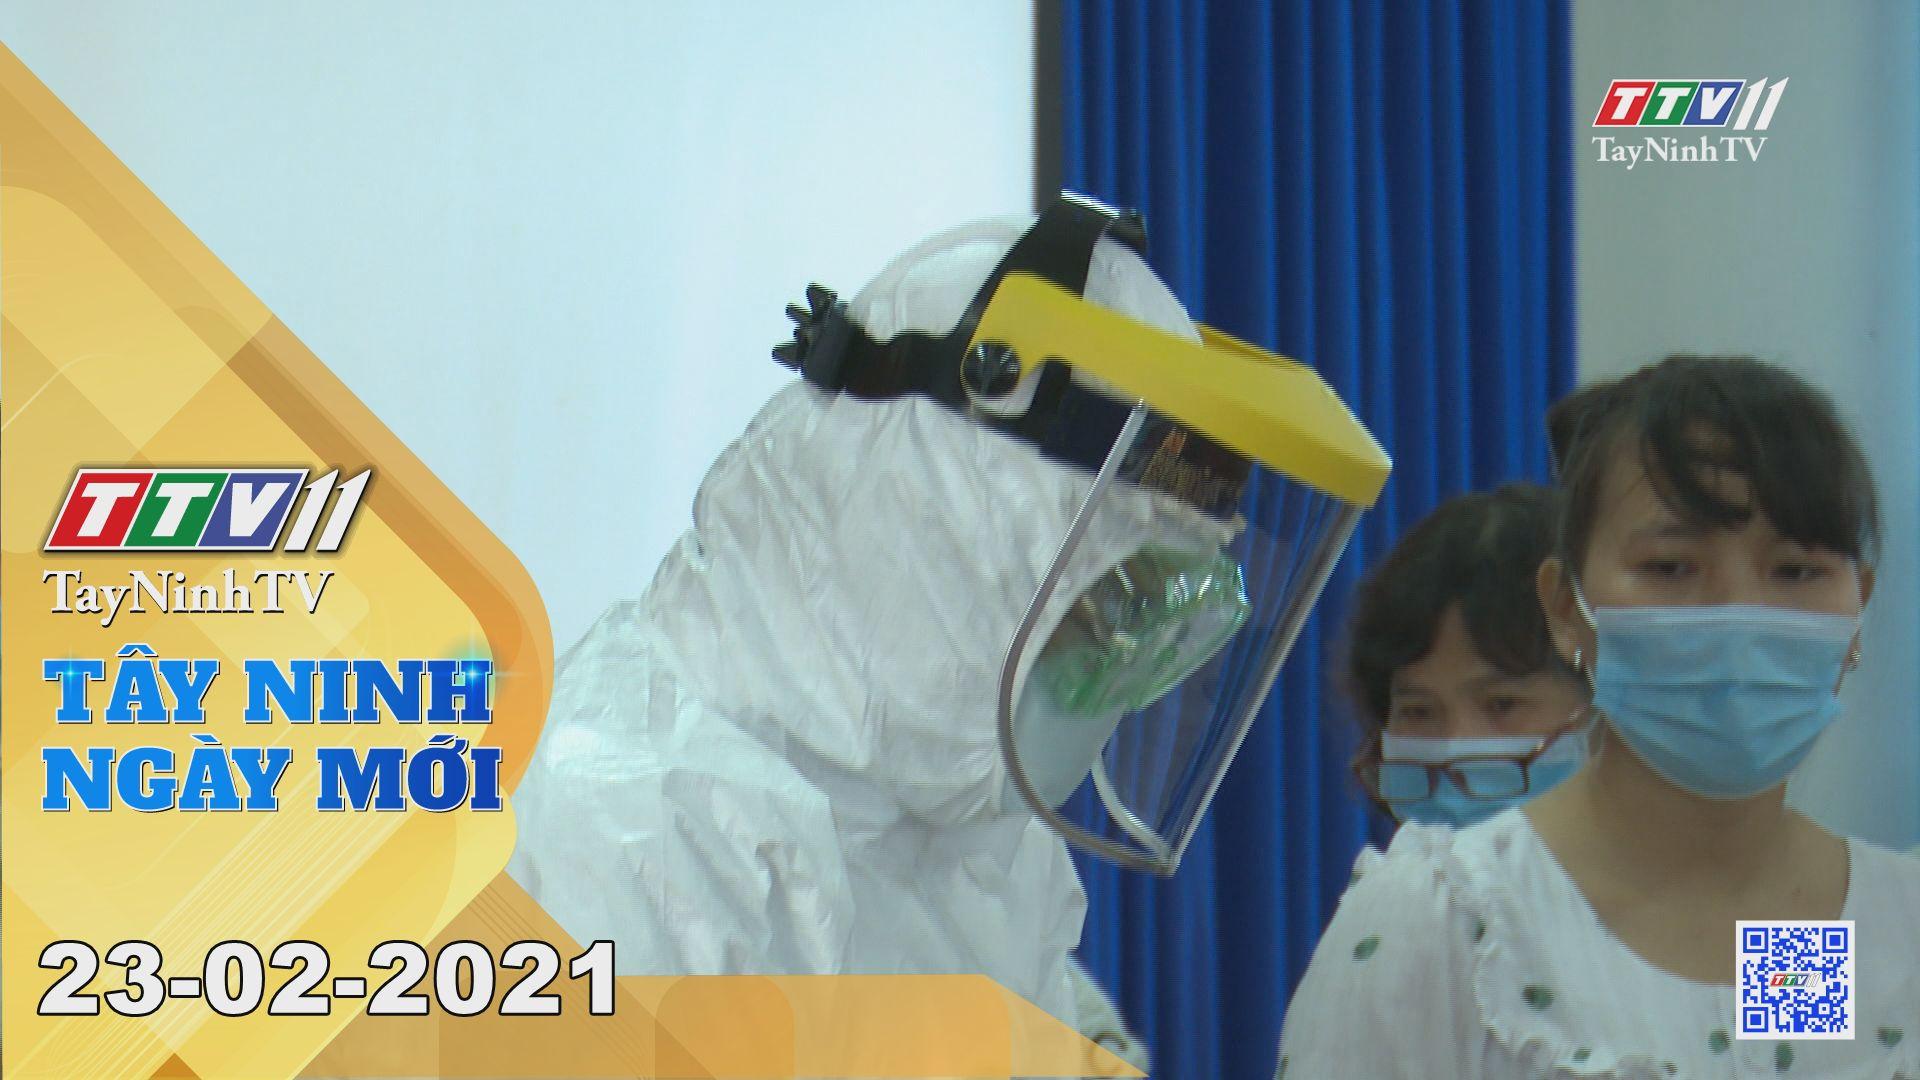 Tây Ninh Ngày Mới 23-02-2021 | Tin tức hôm nay | TayNinhTV